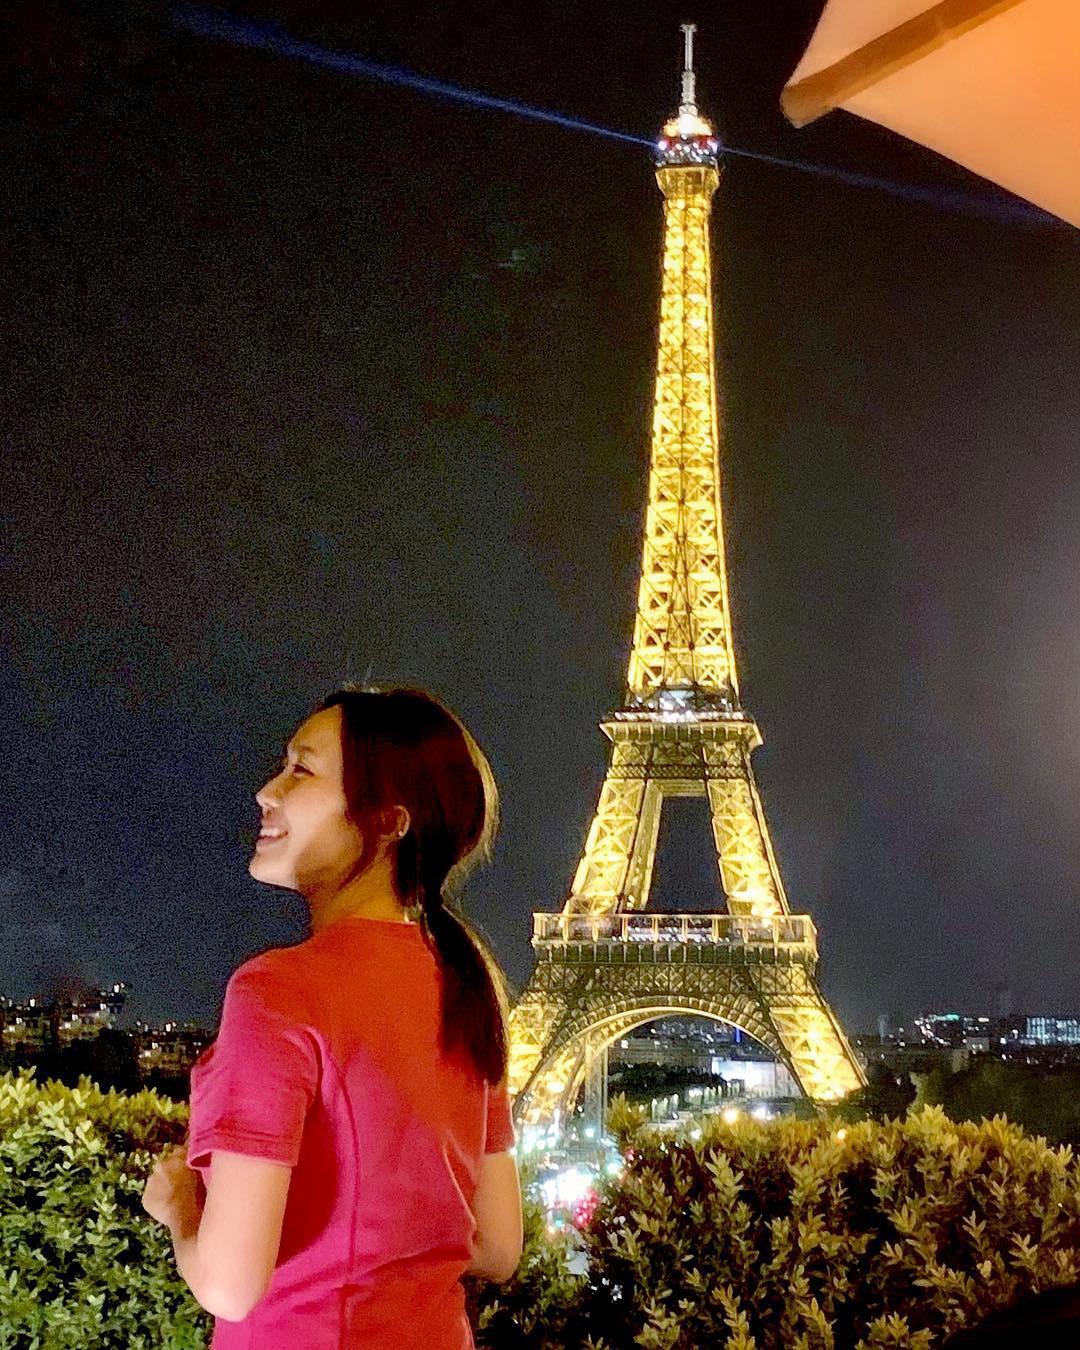 Vừa đăng ảnh check-in tại tháp Eiffel, người hâm mộ đã vội nhắc Diệu Nhi vì cô có thể mắc phải luật nghiêm trọng này - Ảnh 4.